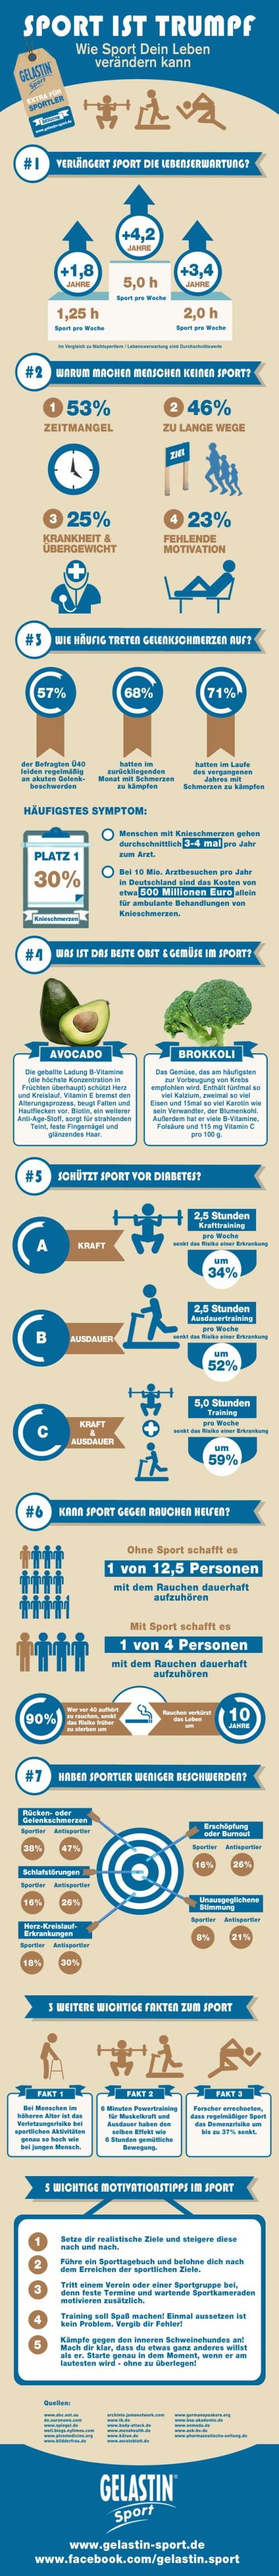 infografik-gelastin-sport-ist-trumpf-wie-sport-dein-leben-veraendern-kann